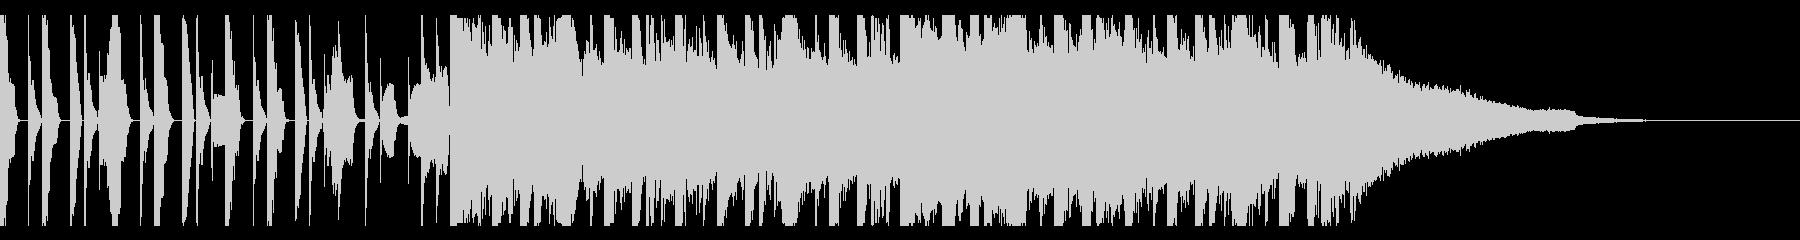 ポップロック トラップ ヒップホッ...の未再生の波形